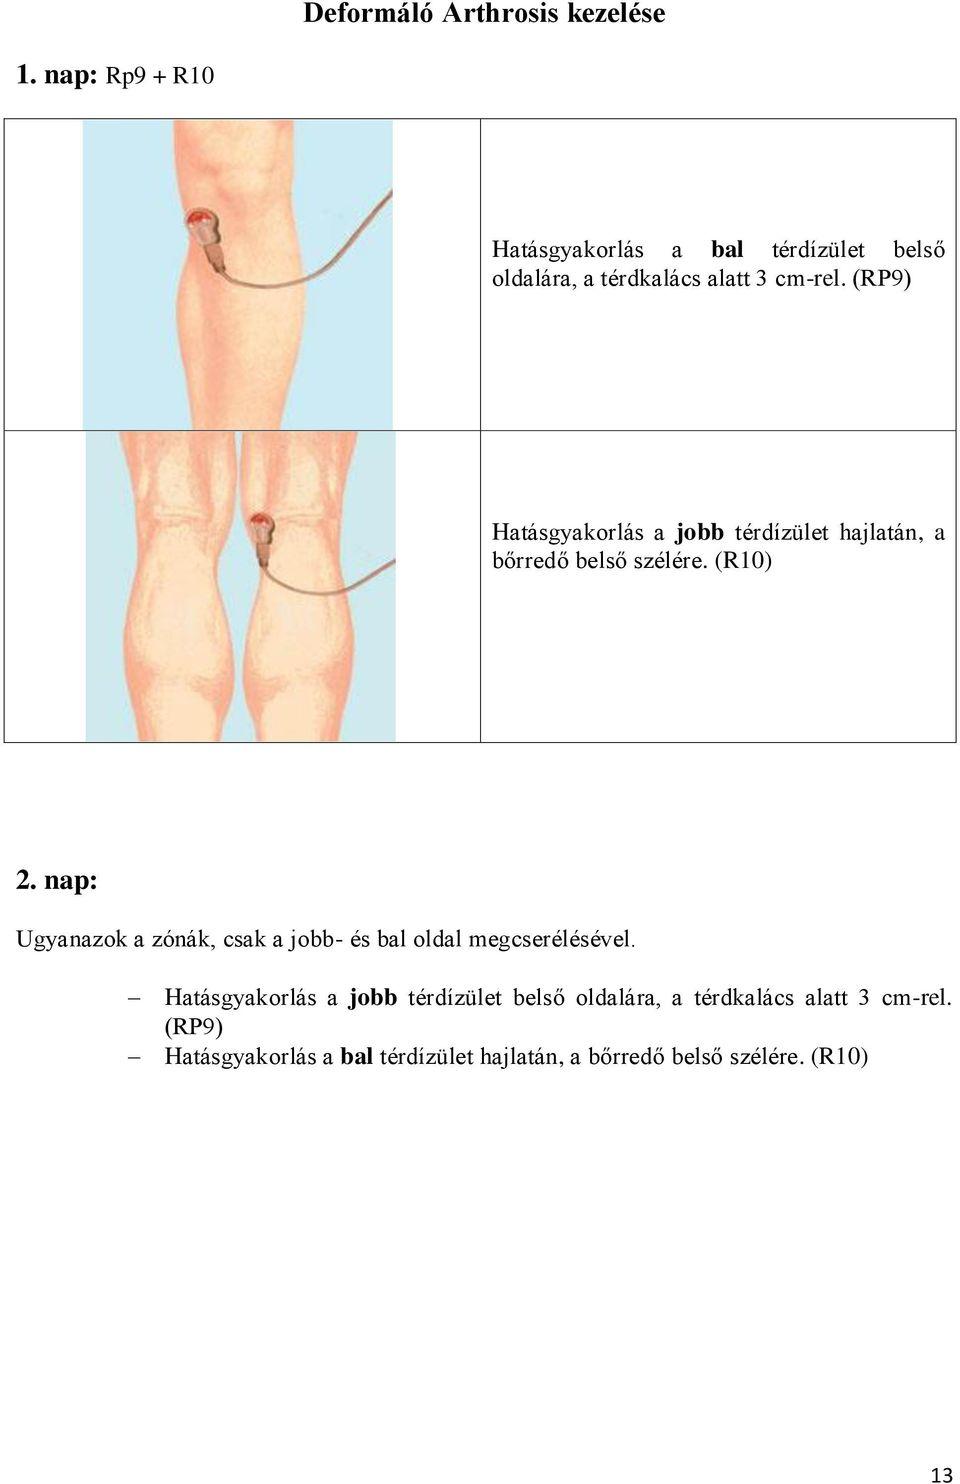 kezdő artrosis, hogyan kell kezelni hogyan lehet a vállízülettel enyhíteni a fájdalmat